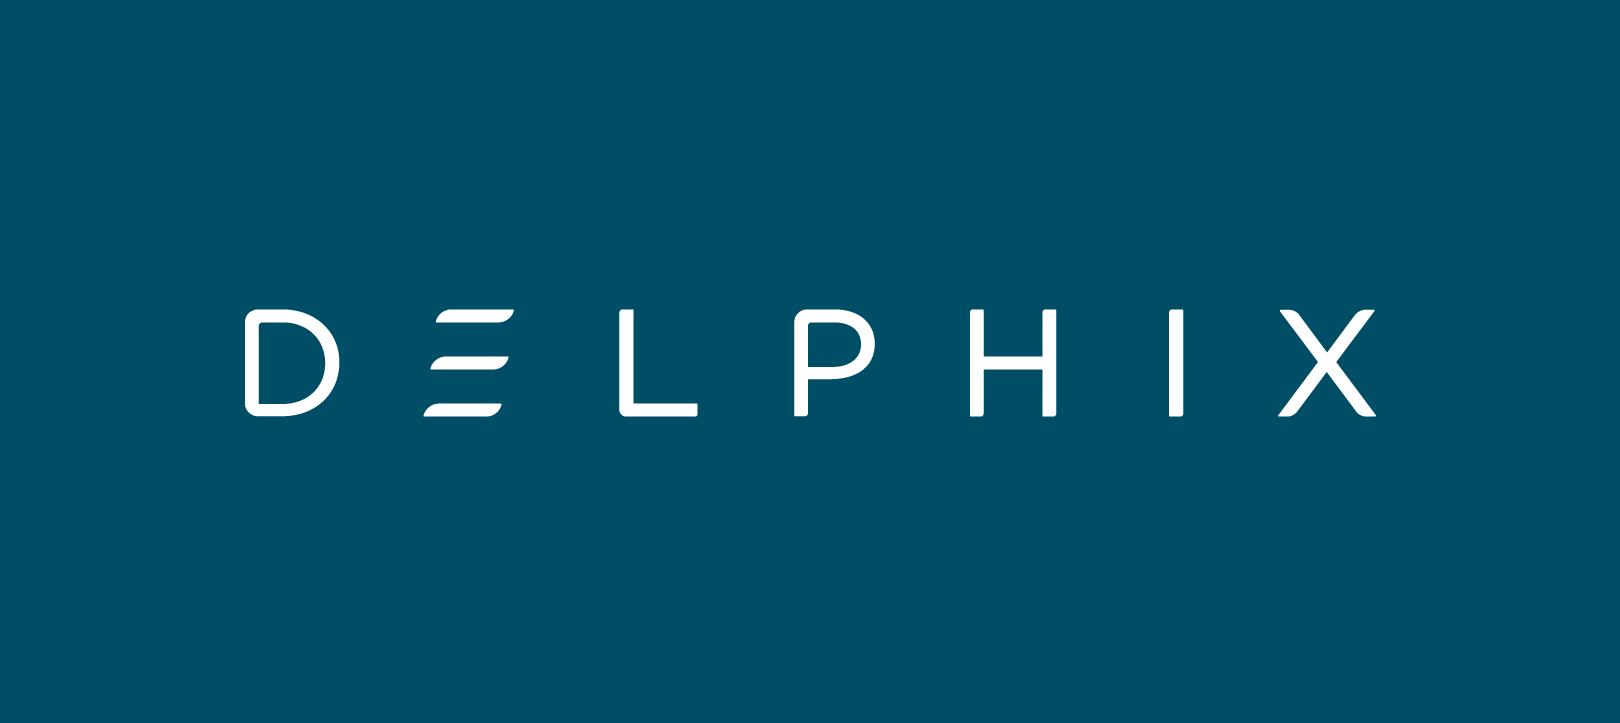 delphix-blue